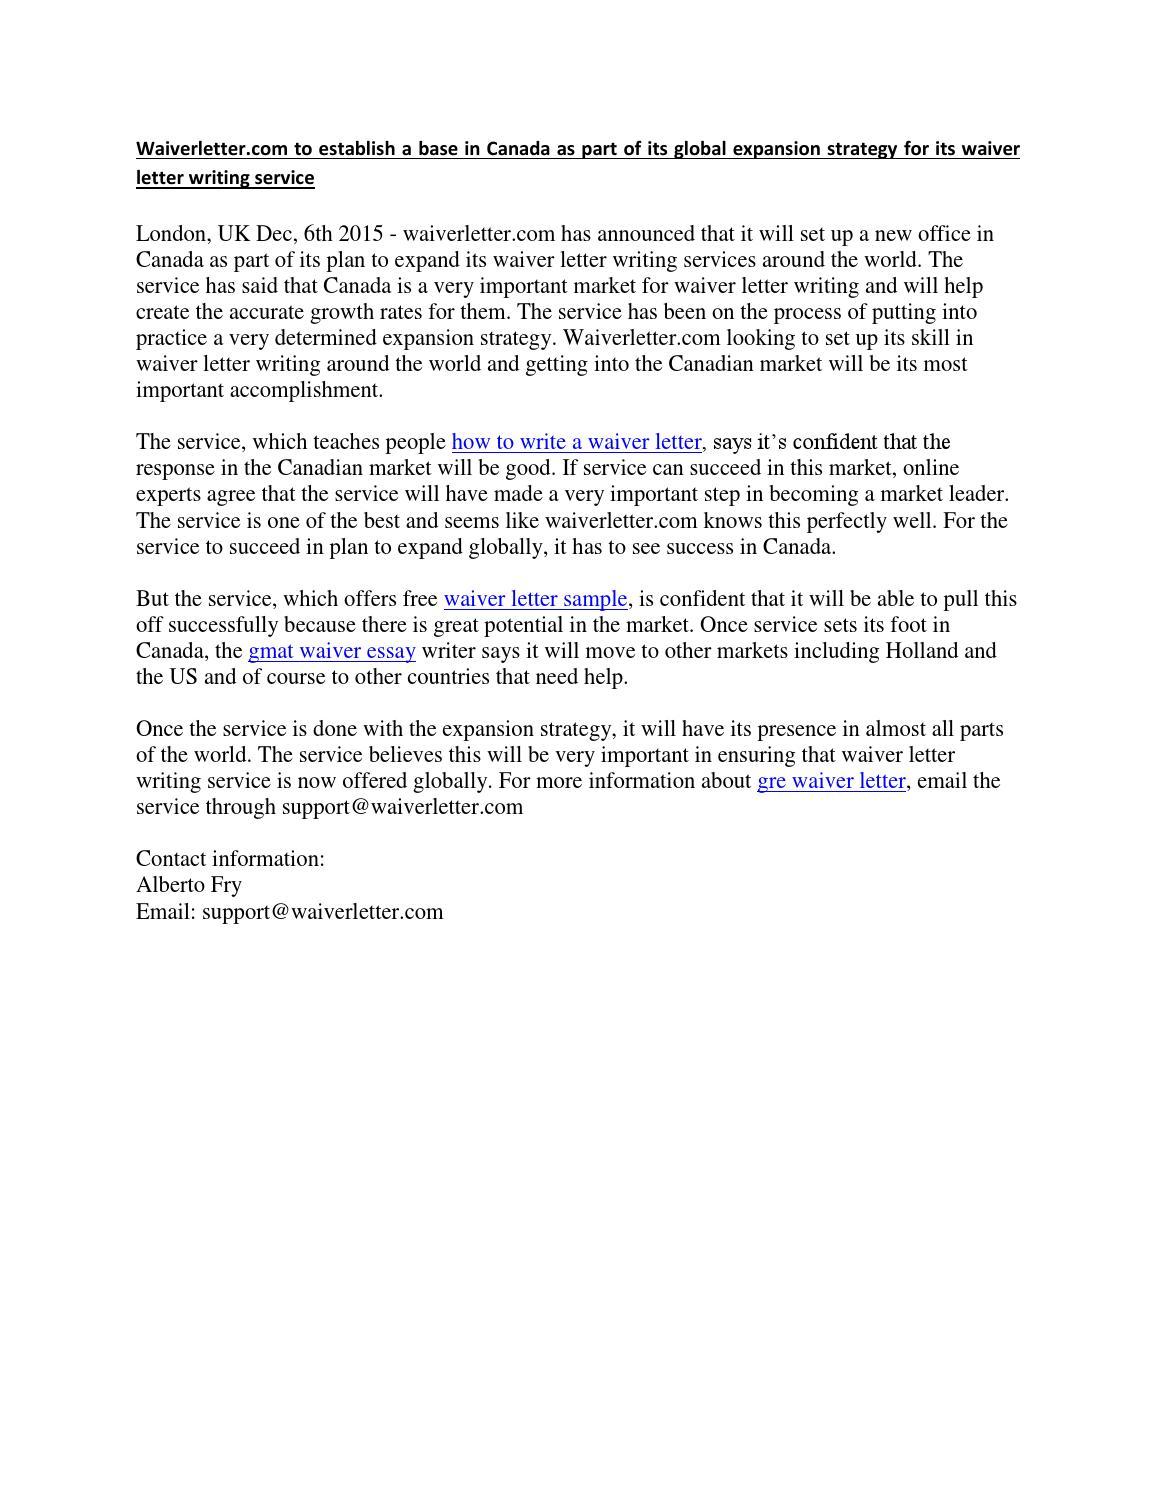 waiverletter com to establish